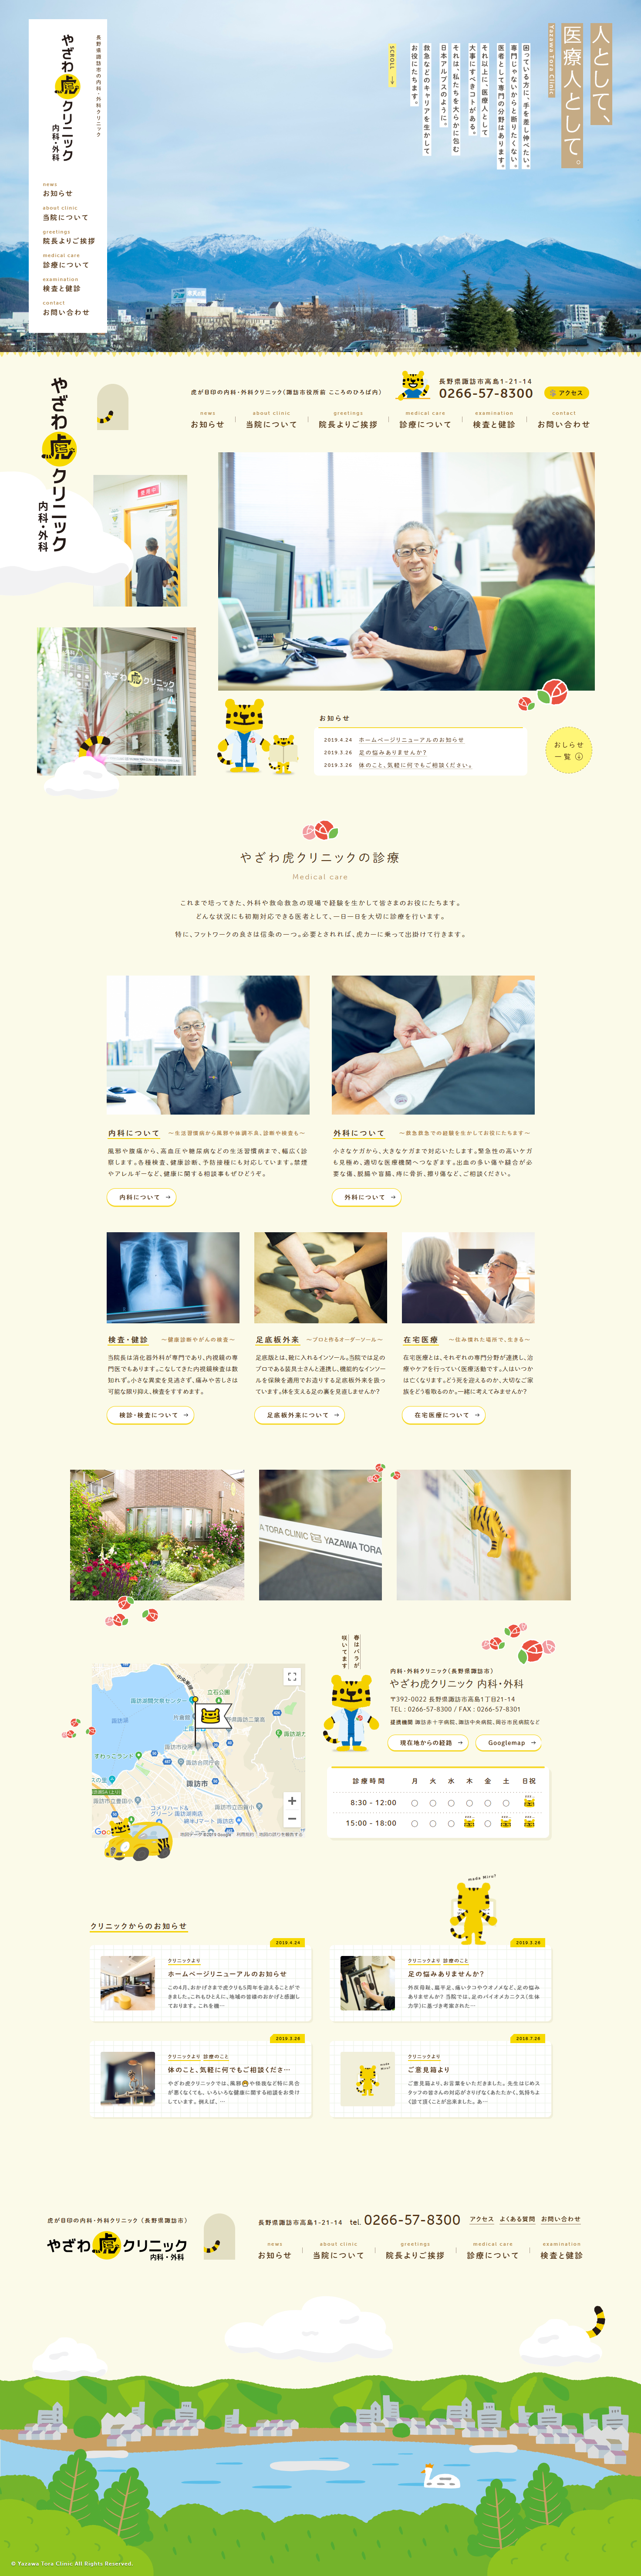 Web Design おしゃれまとめの人気アイデア Pinterest You Design デザイン Webデザイン ウェブデザイン